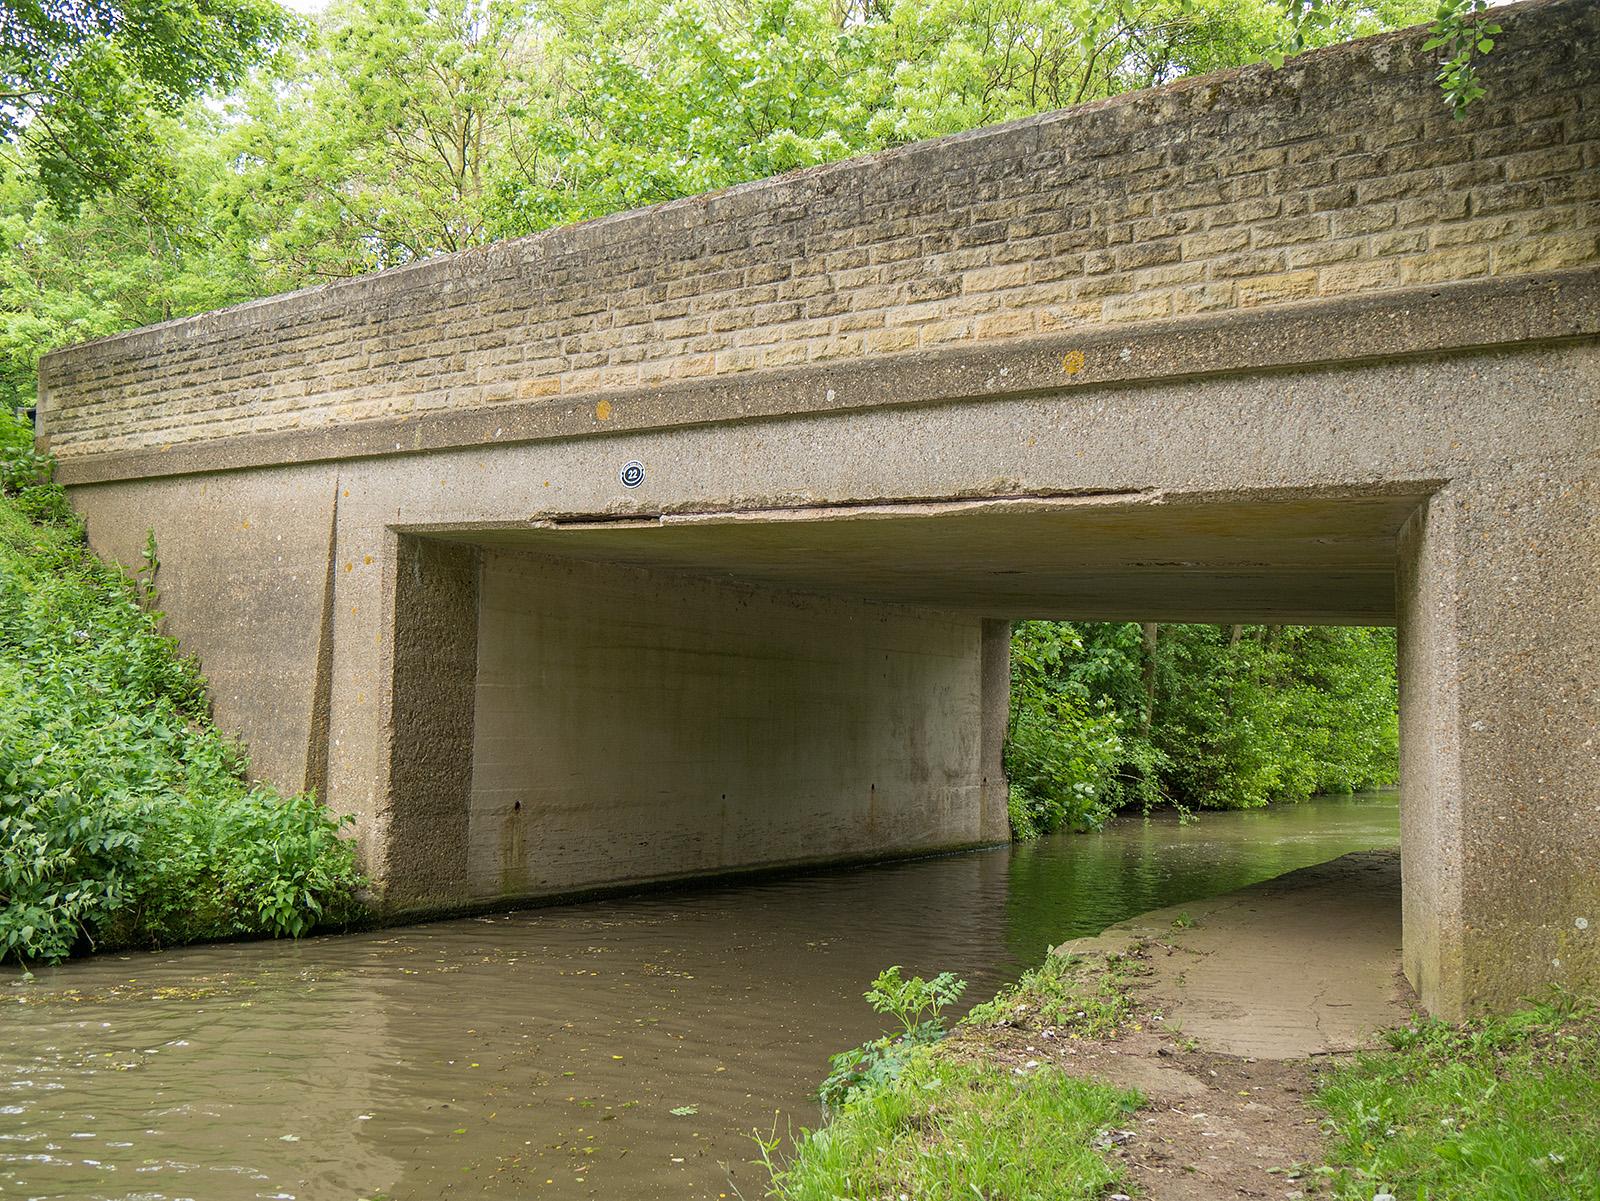 Bridge 22 - so boring it has no name